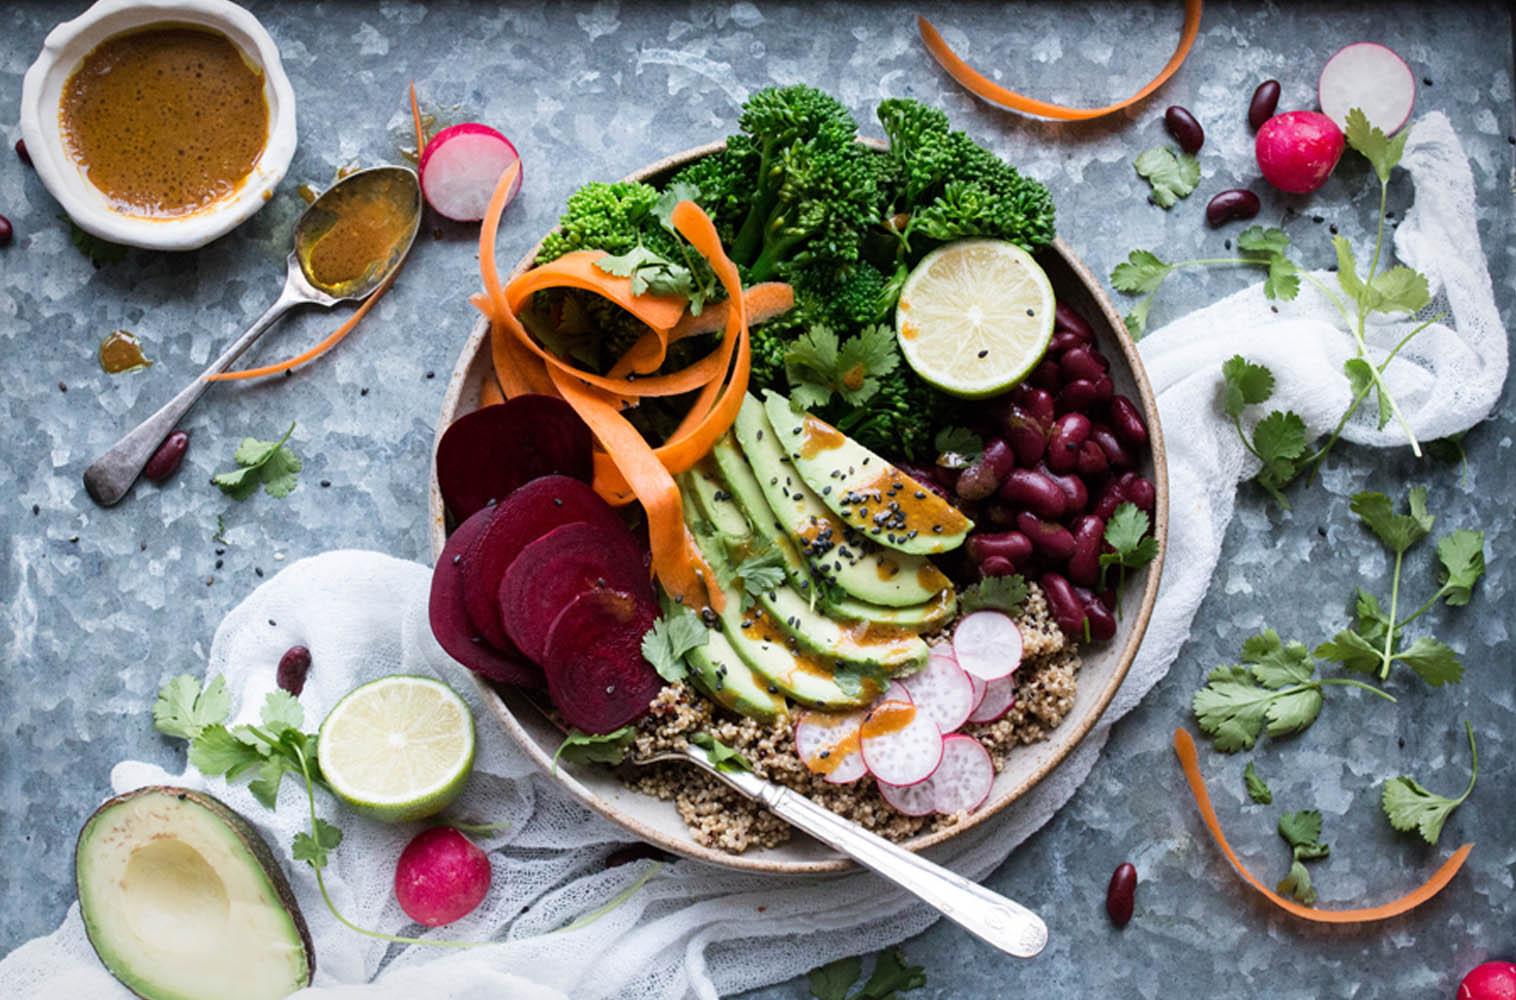 تزئین غذا برای عکاسی